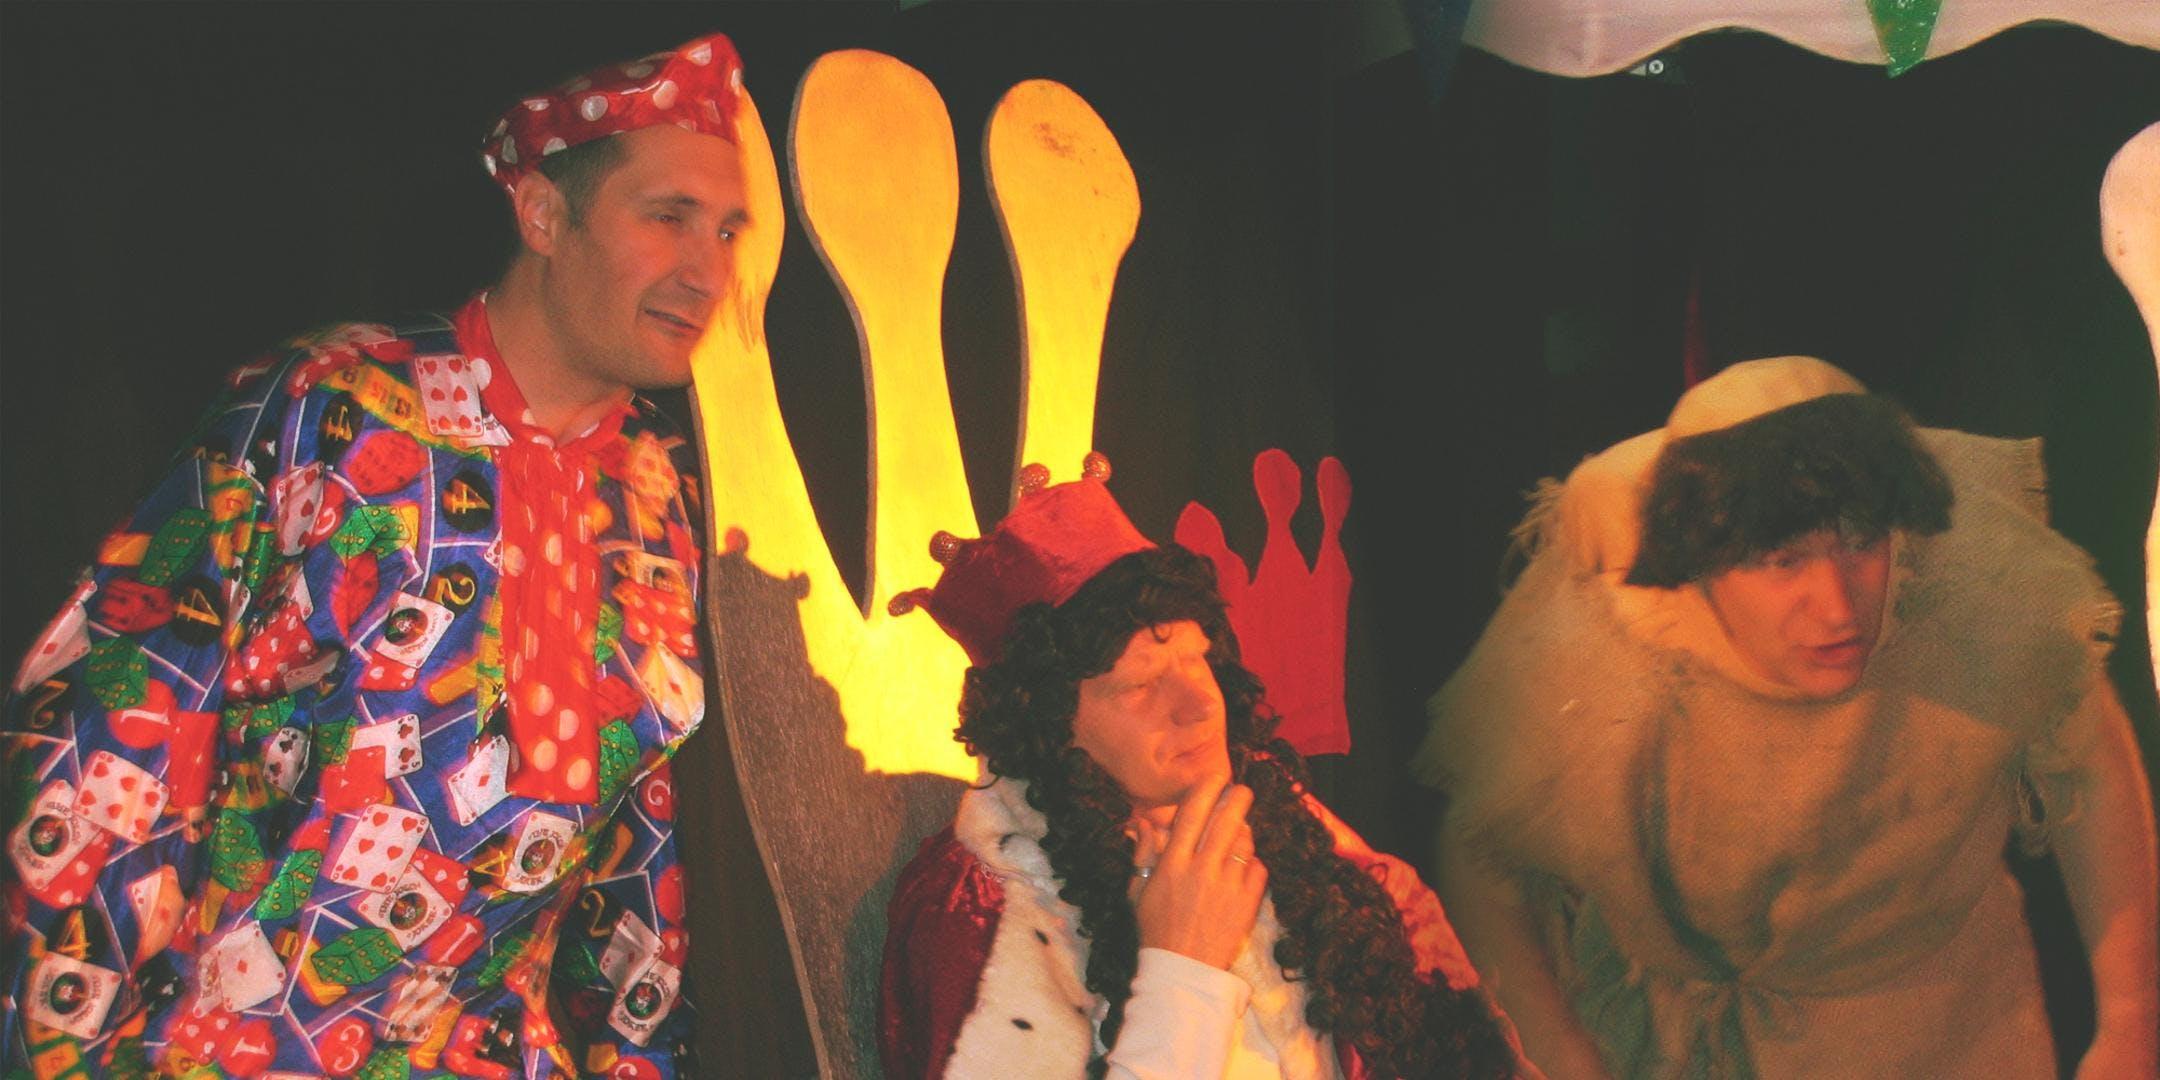 Artyshock - Rock-'n-roll in Koningsland